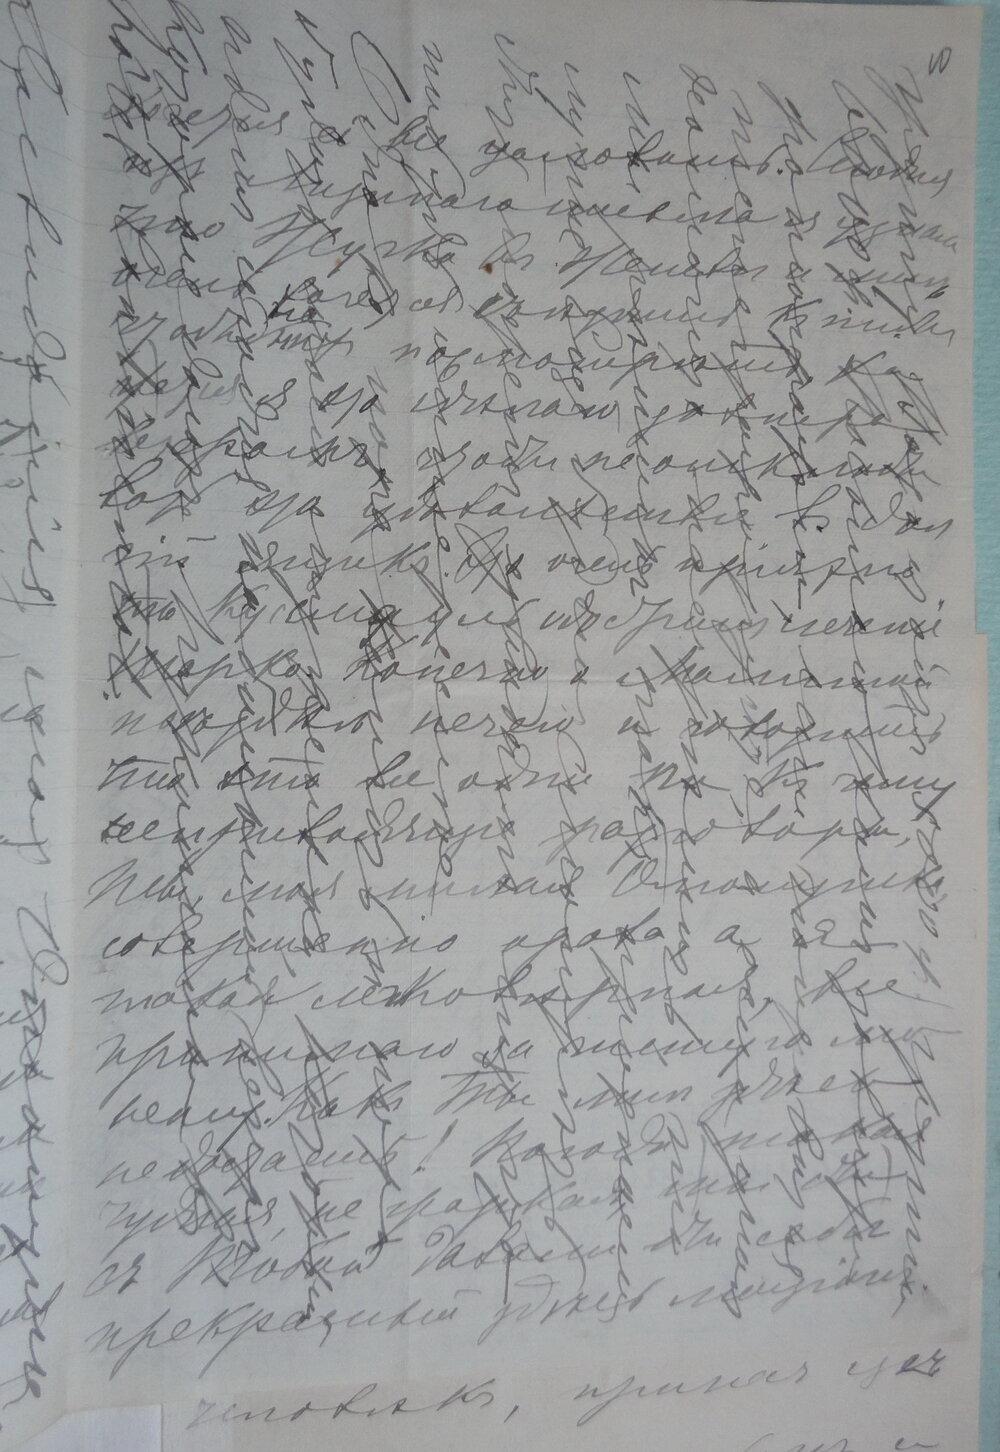 Лист Варвари Ханенко до Ольги Терещенко. Зображення надано Музеєм Ханенків